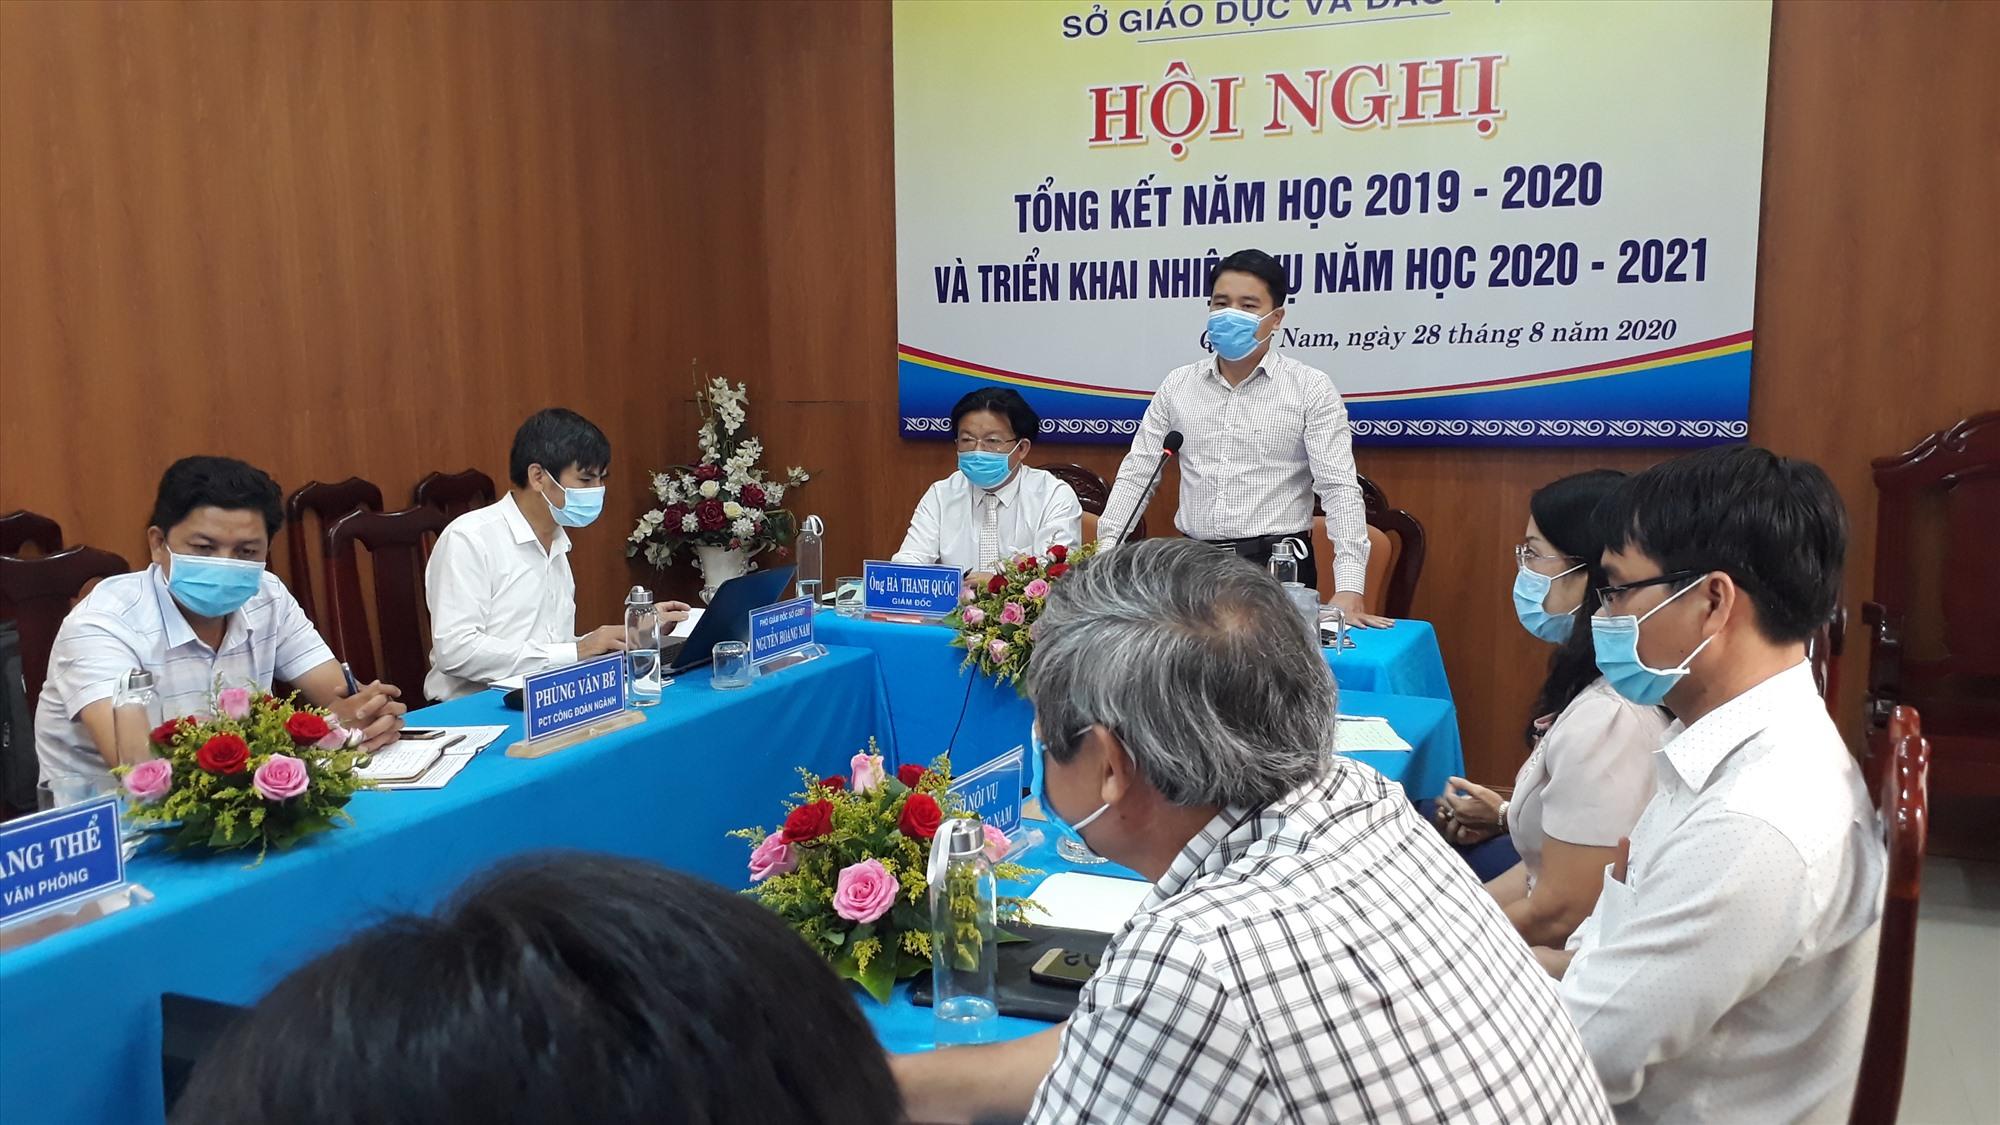 Phó Chủ tịch UBND tỉnh Trần Văn Tân chúc mừng và biểu dương những kết quả đạt được trong năm học qua. Ảnh: X.P